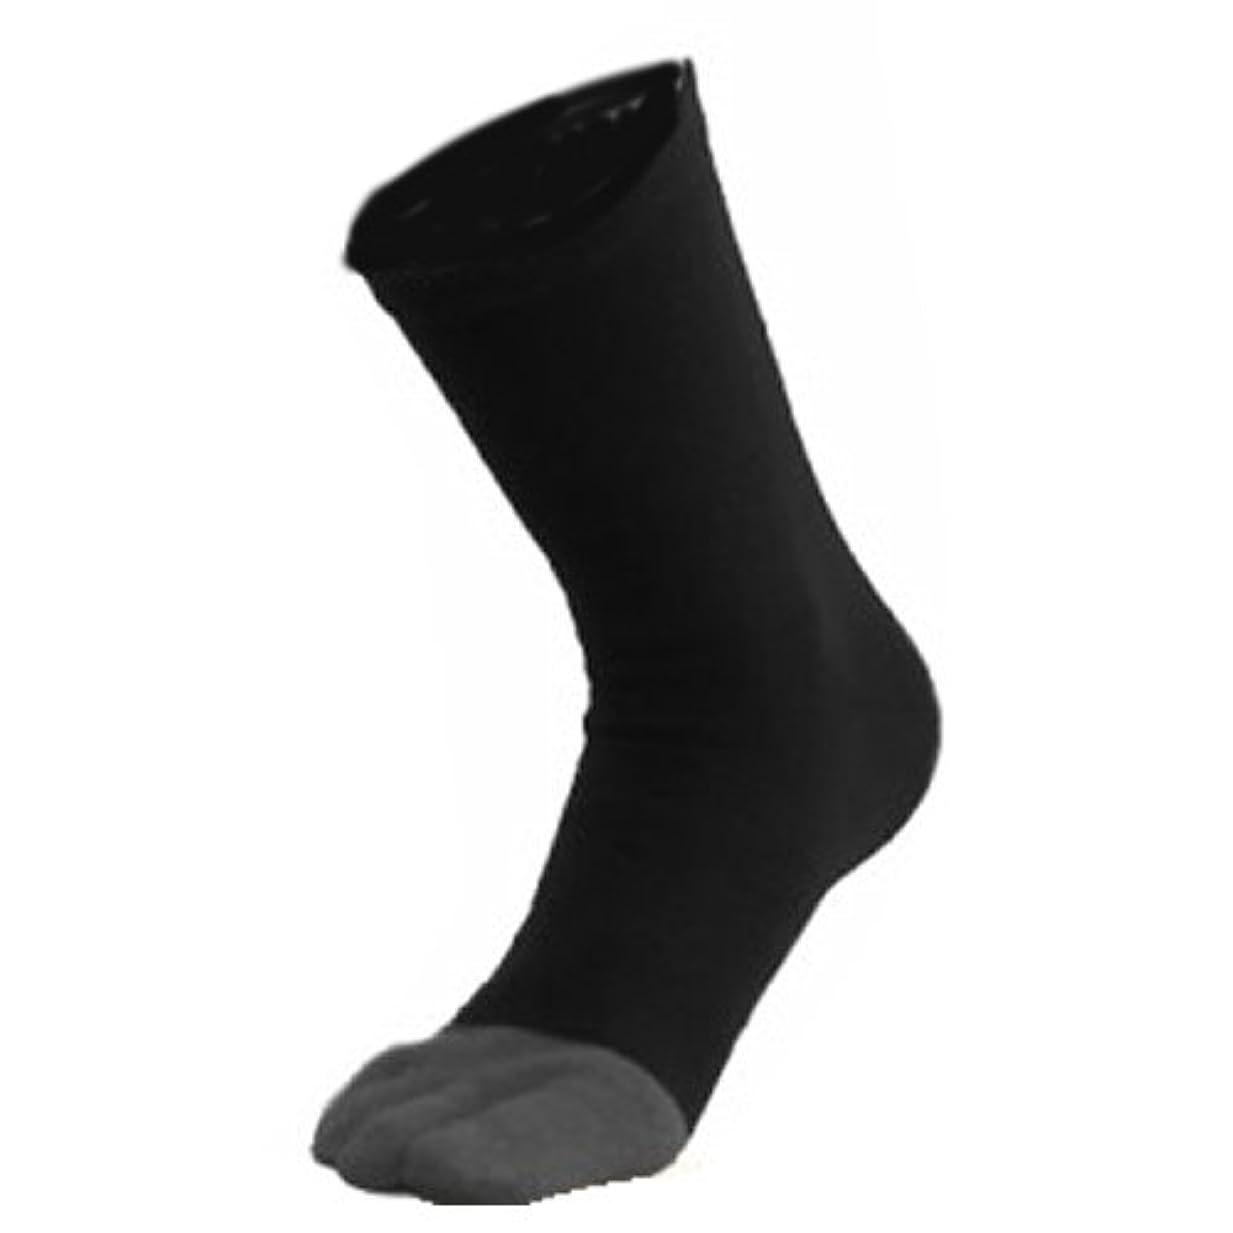 ペースリーチ遷移指先まであったか靴下 ブラック×チャコールグレー